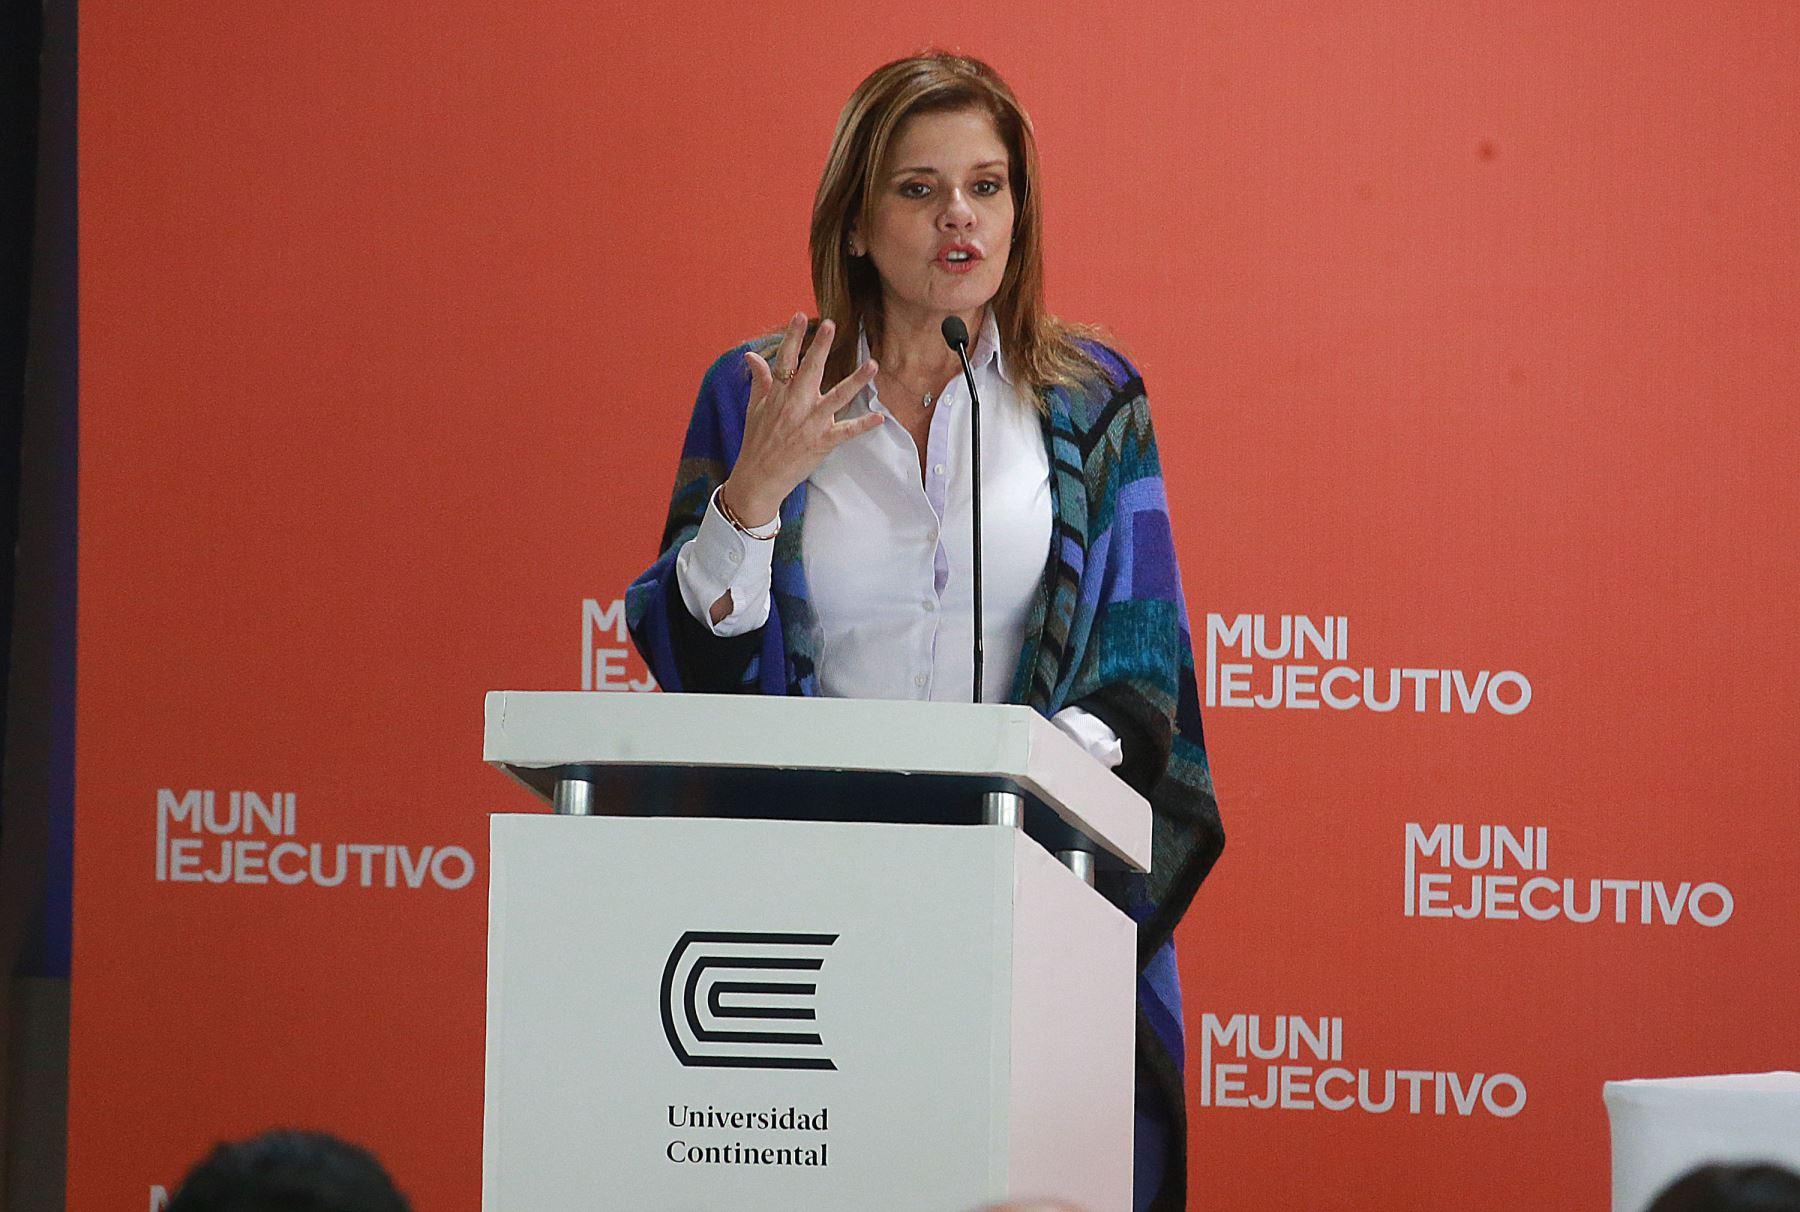 Mercedes Aráoz Fernández. Actual presidenta del Consejo de Ministros, congresista y segunda vicepresidenta de la República. Es una de las figuras femeninas más influyentes en el gobierno. Foto: ANDINA/Vidal Tarqui